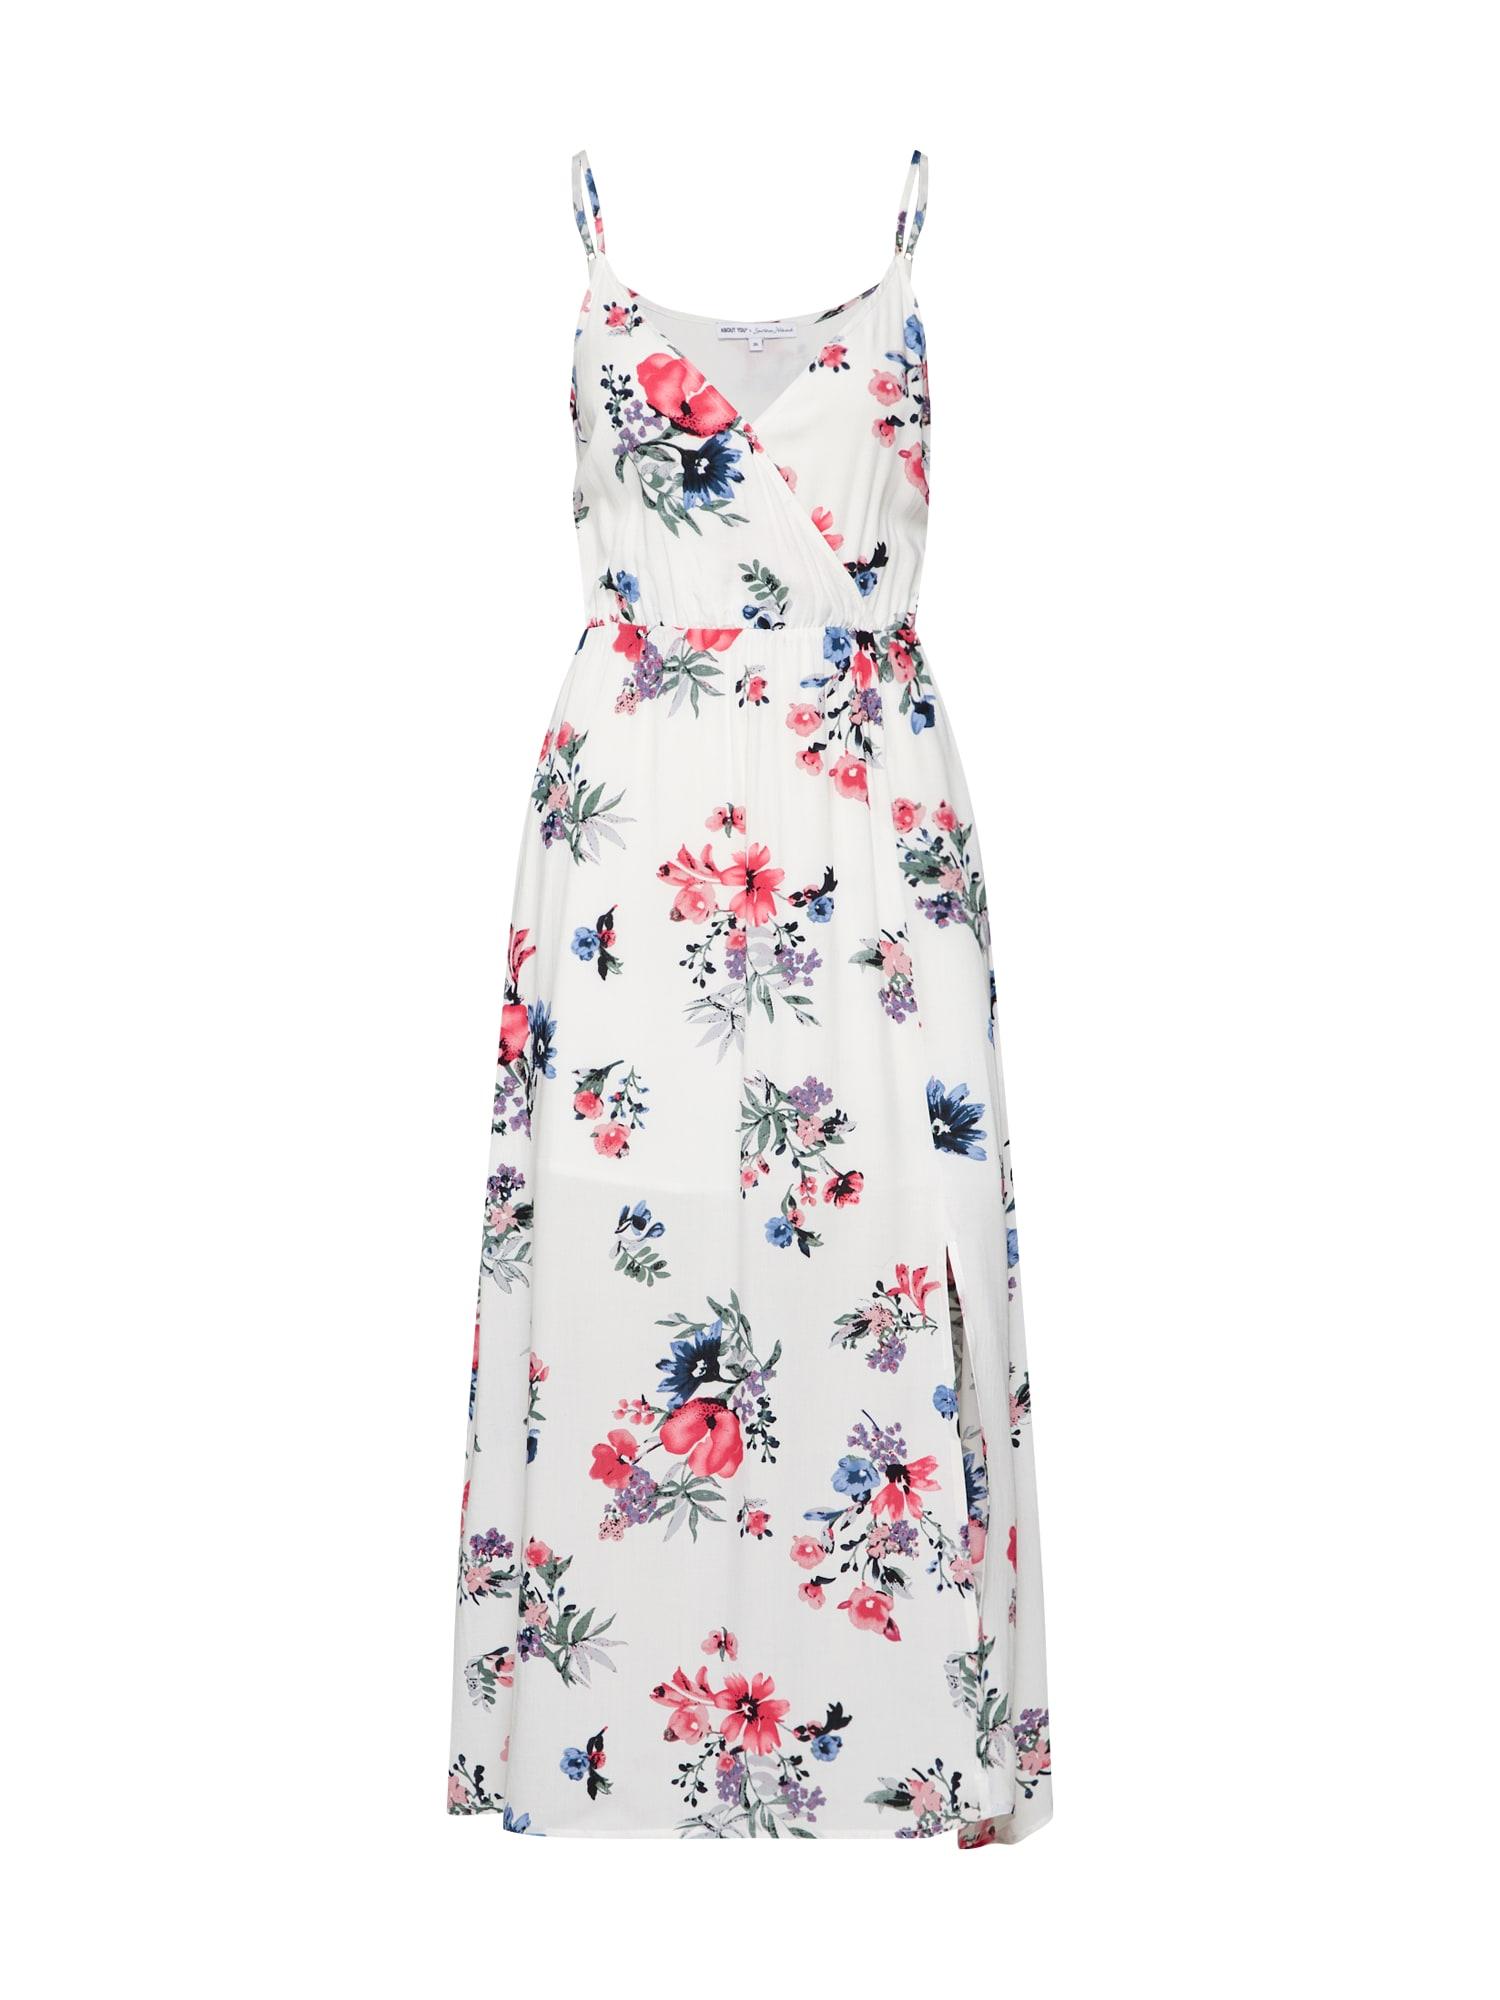 Letní šaty Lana mix barev bílá ABOUT YOU X Sarina Nowak